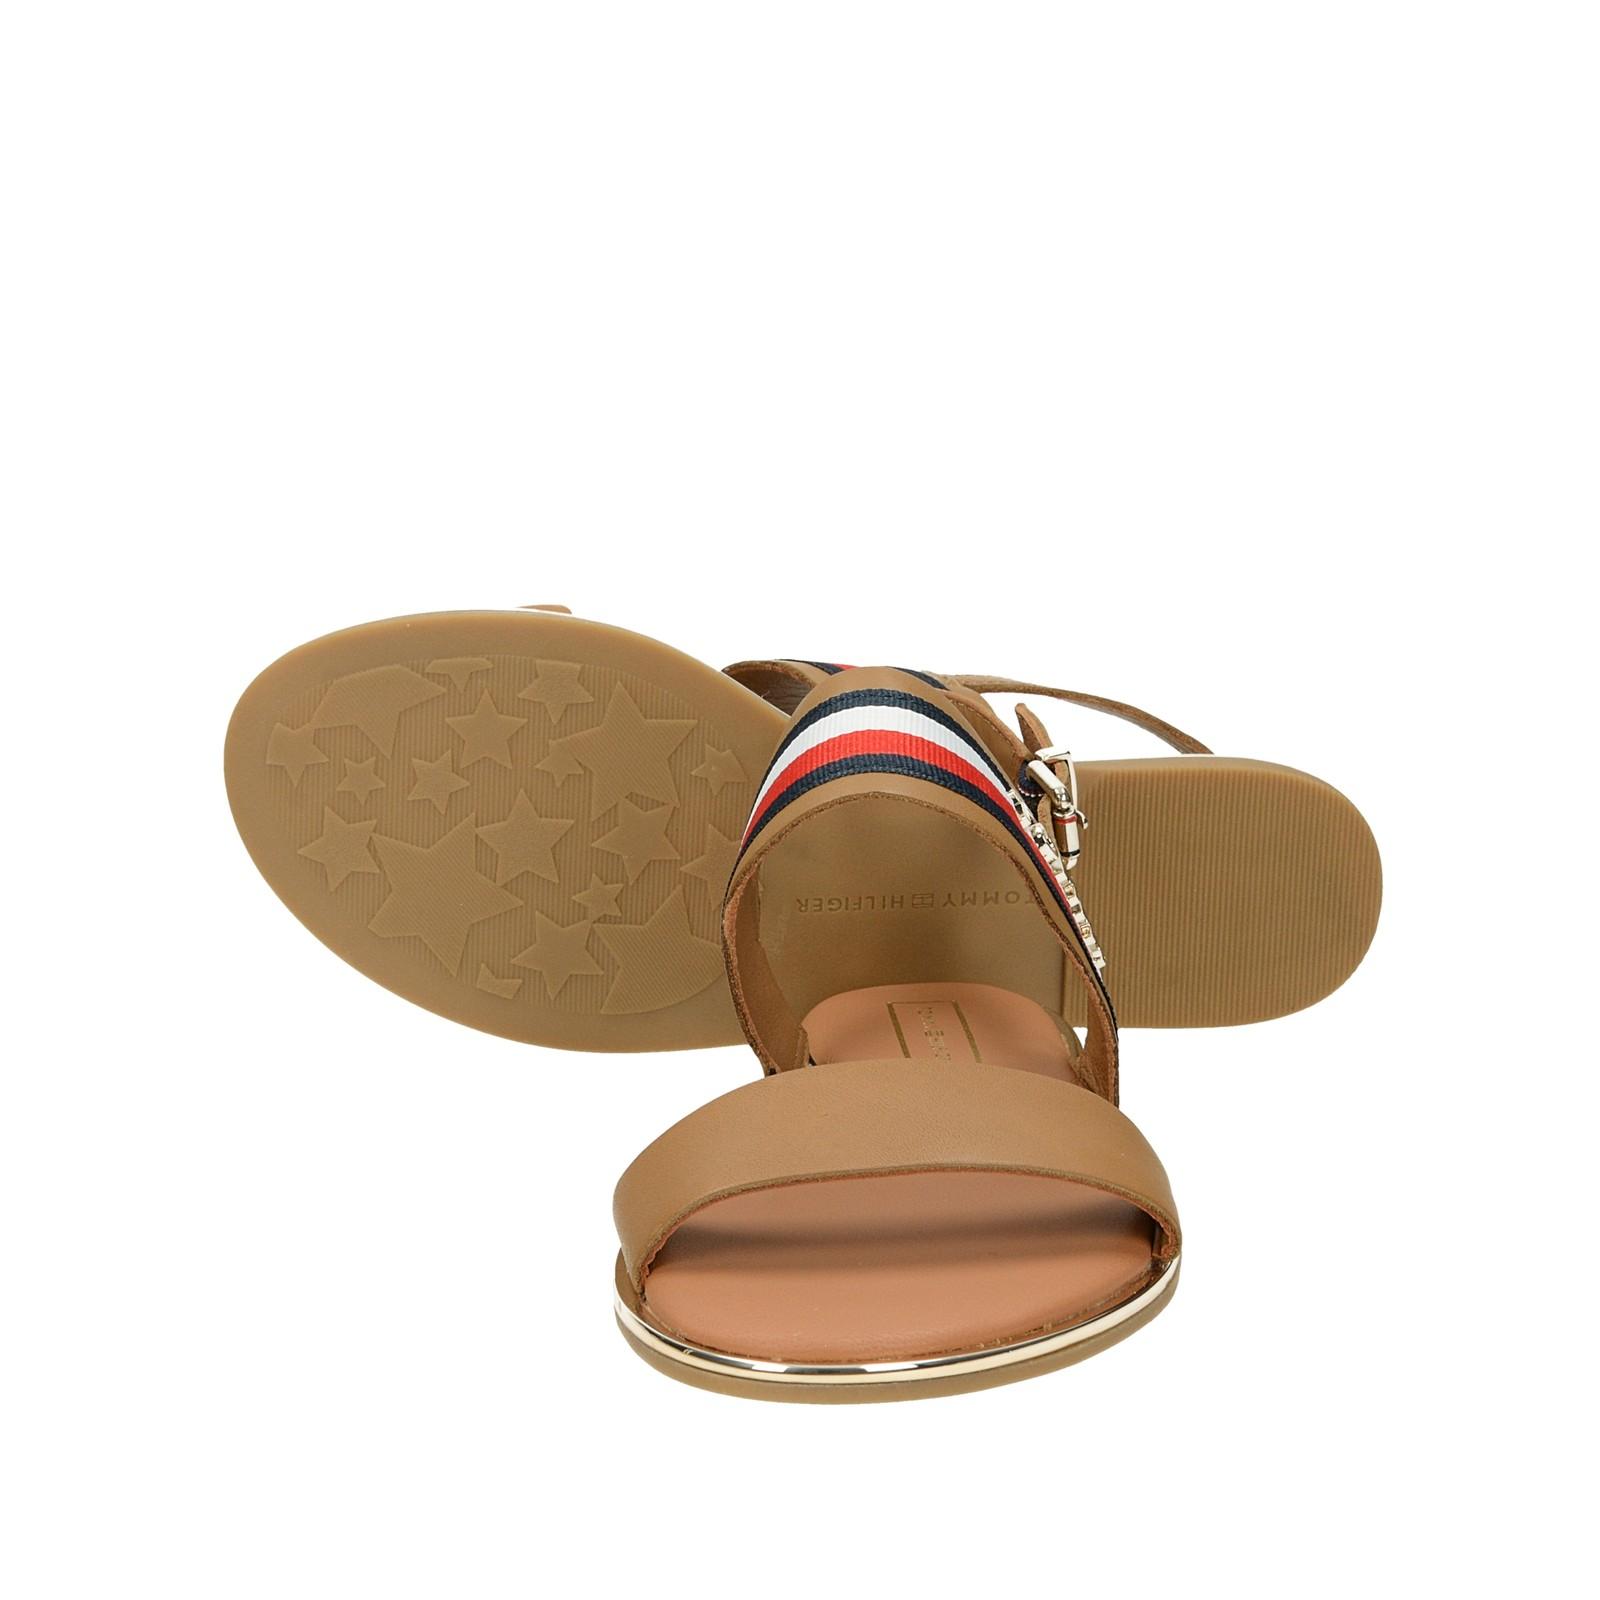 6a8c7accbd ... Tommy Hilfiger dámske kožené štýlové sandále - hnedé ...